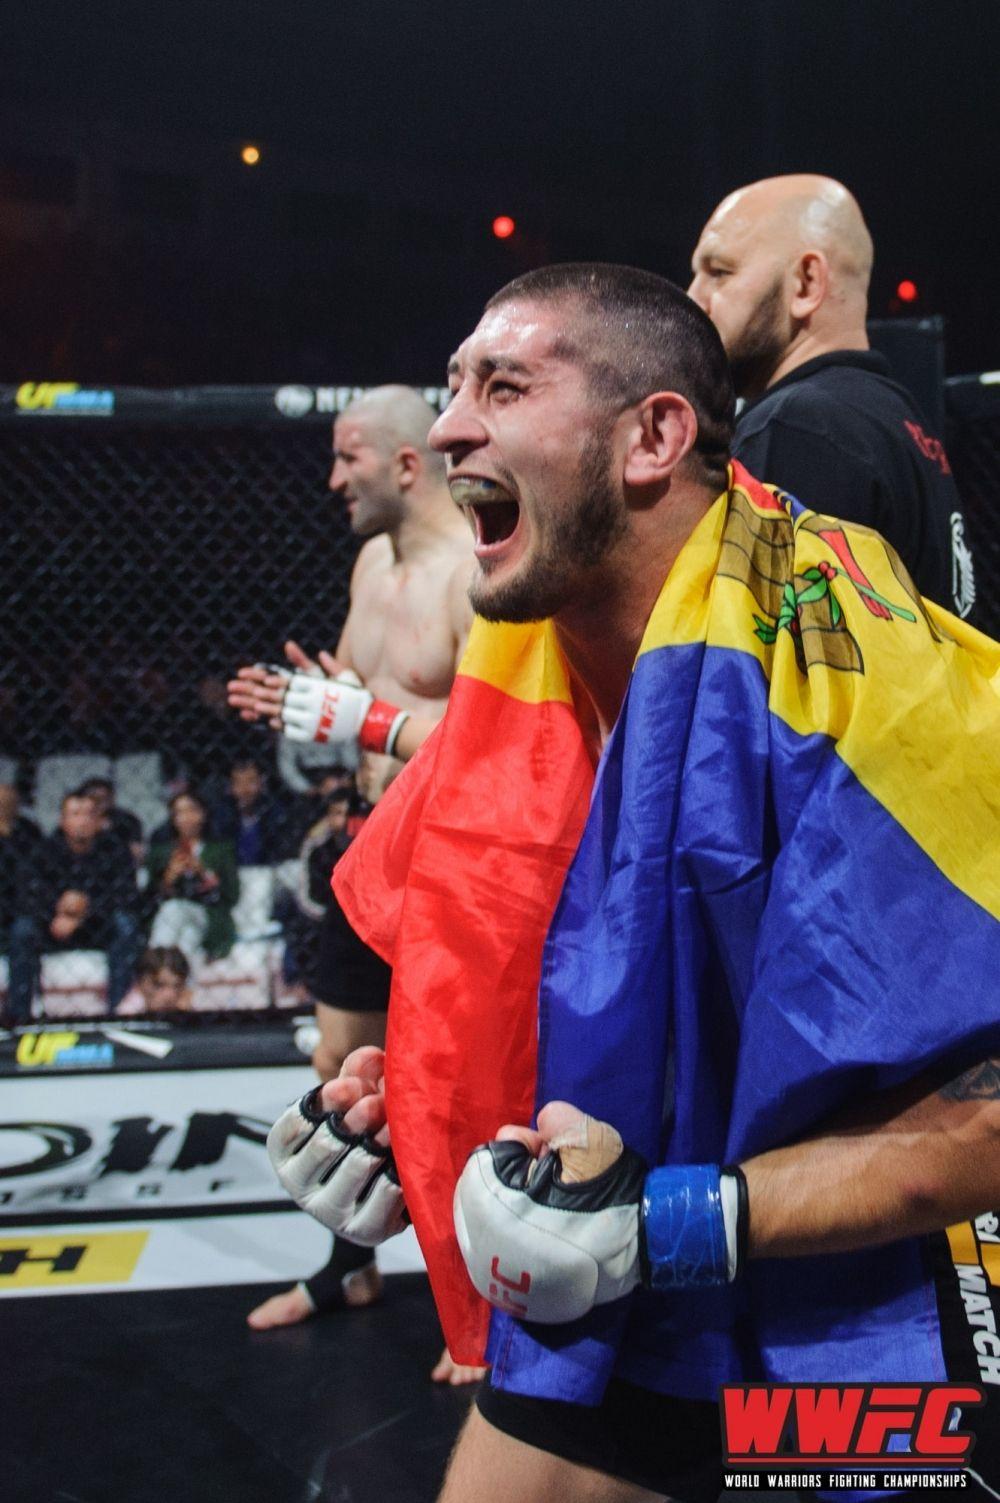 Еще один чемпион в весе до 77 кг - Михай Котруцэ, который сражался за свой титул с албанцем.